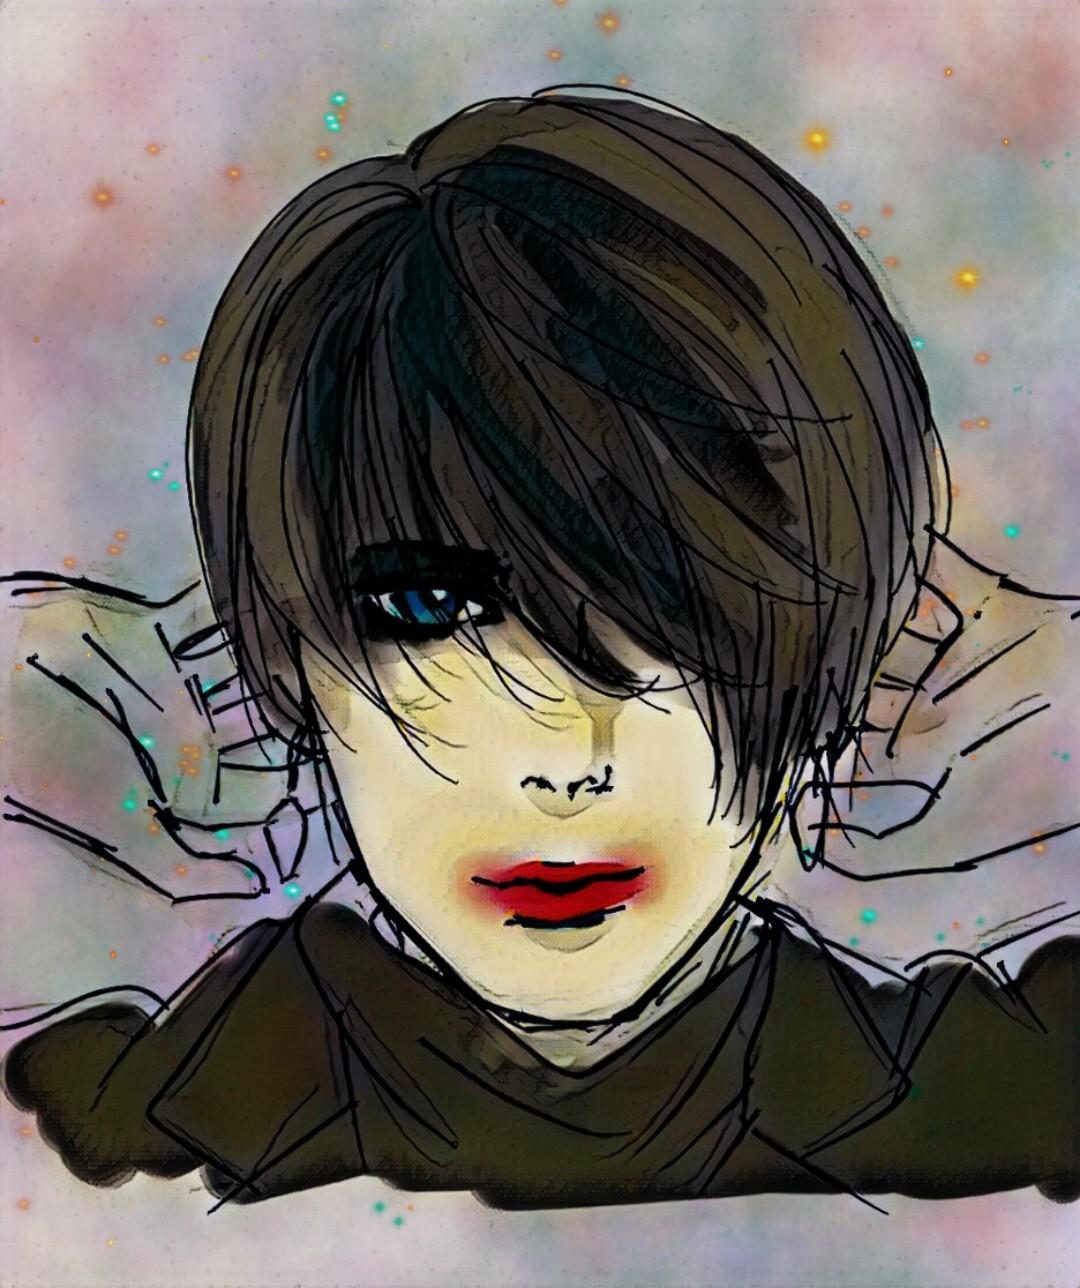 Art ID: 117810